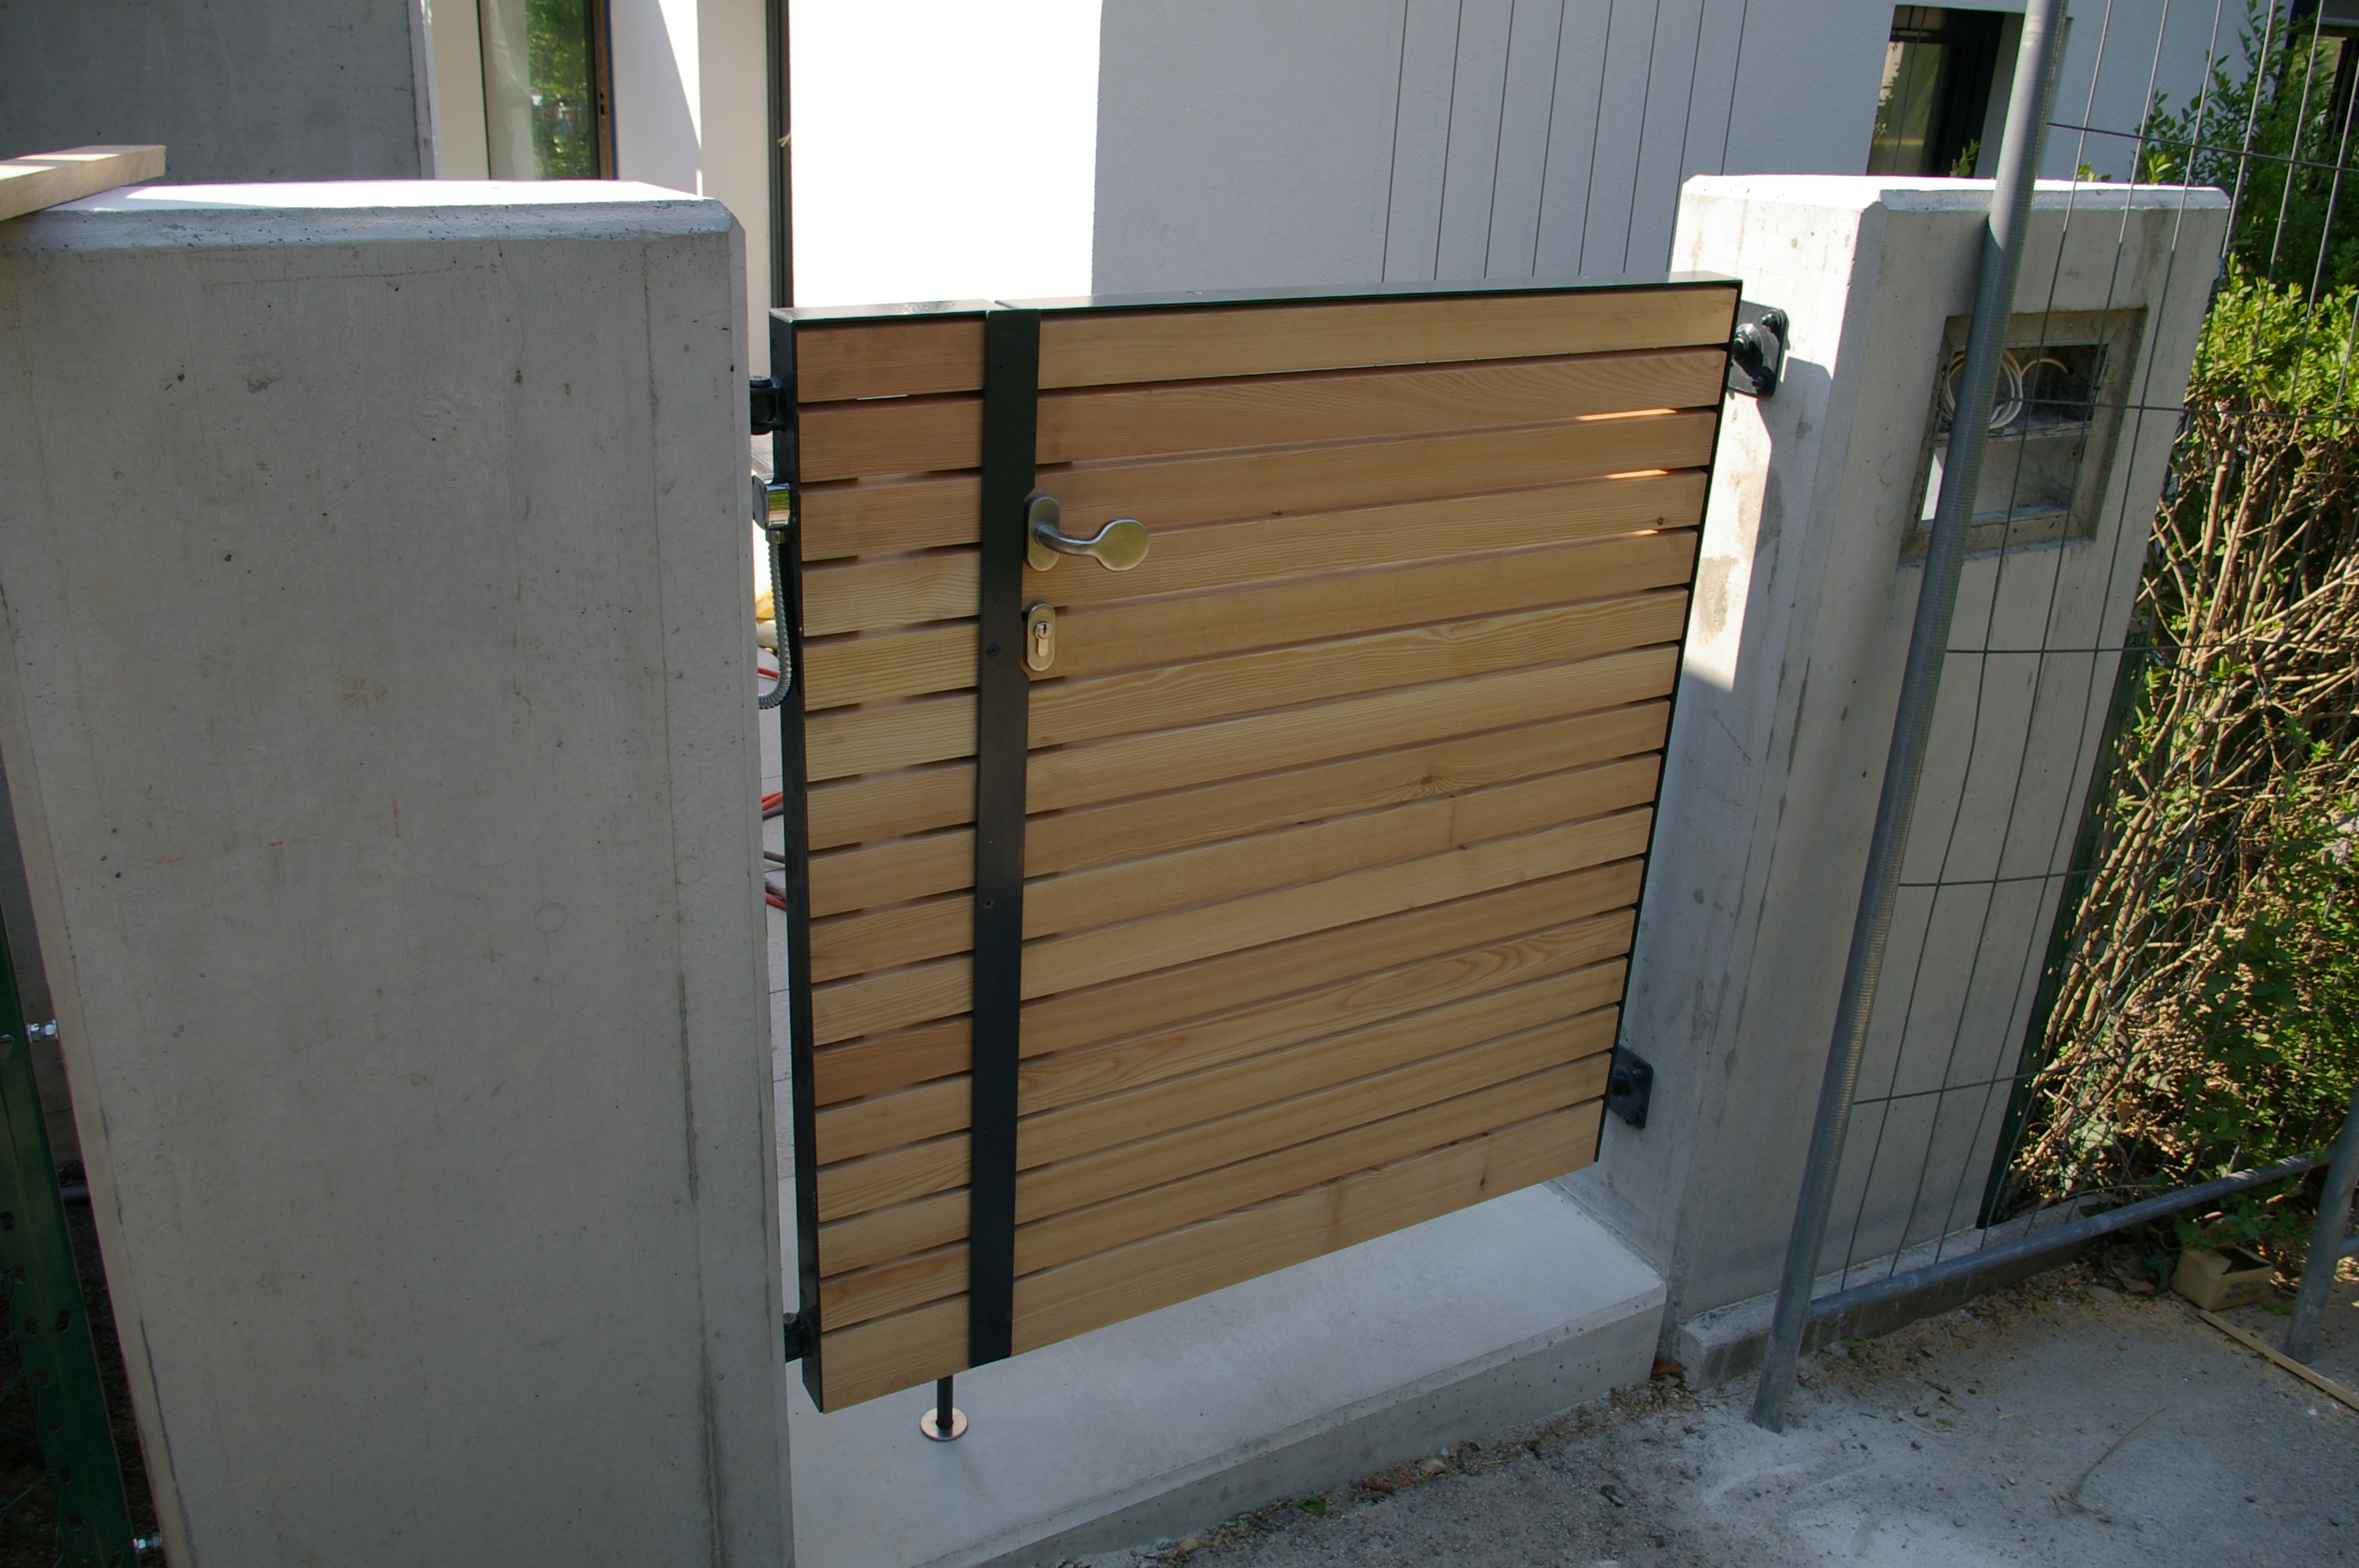 Gartentore Aus Holz Und Metall – kartaginafo